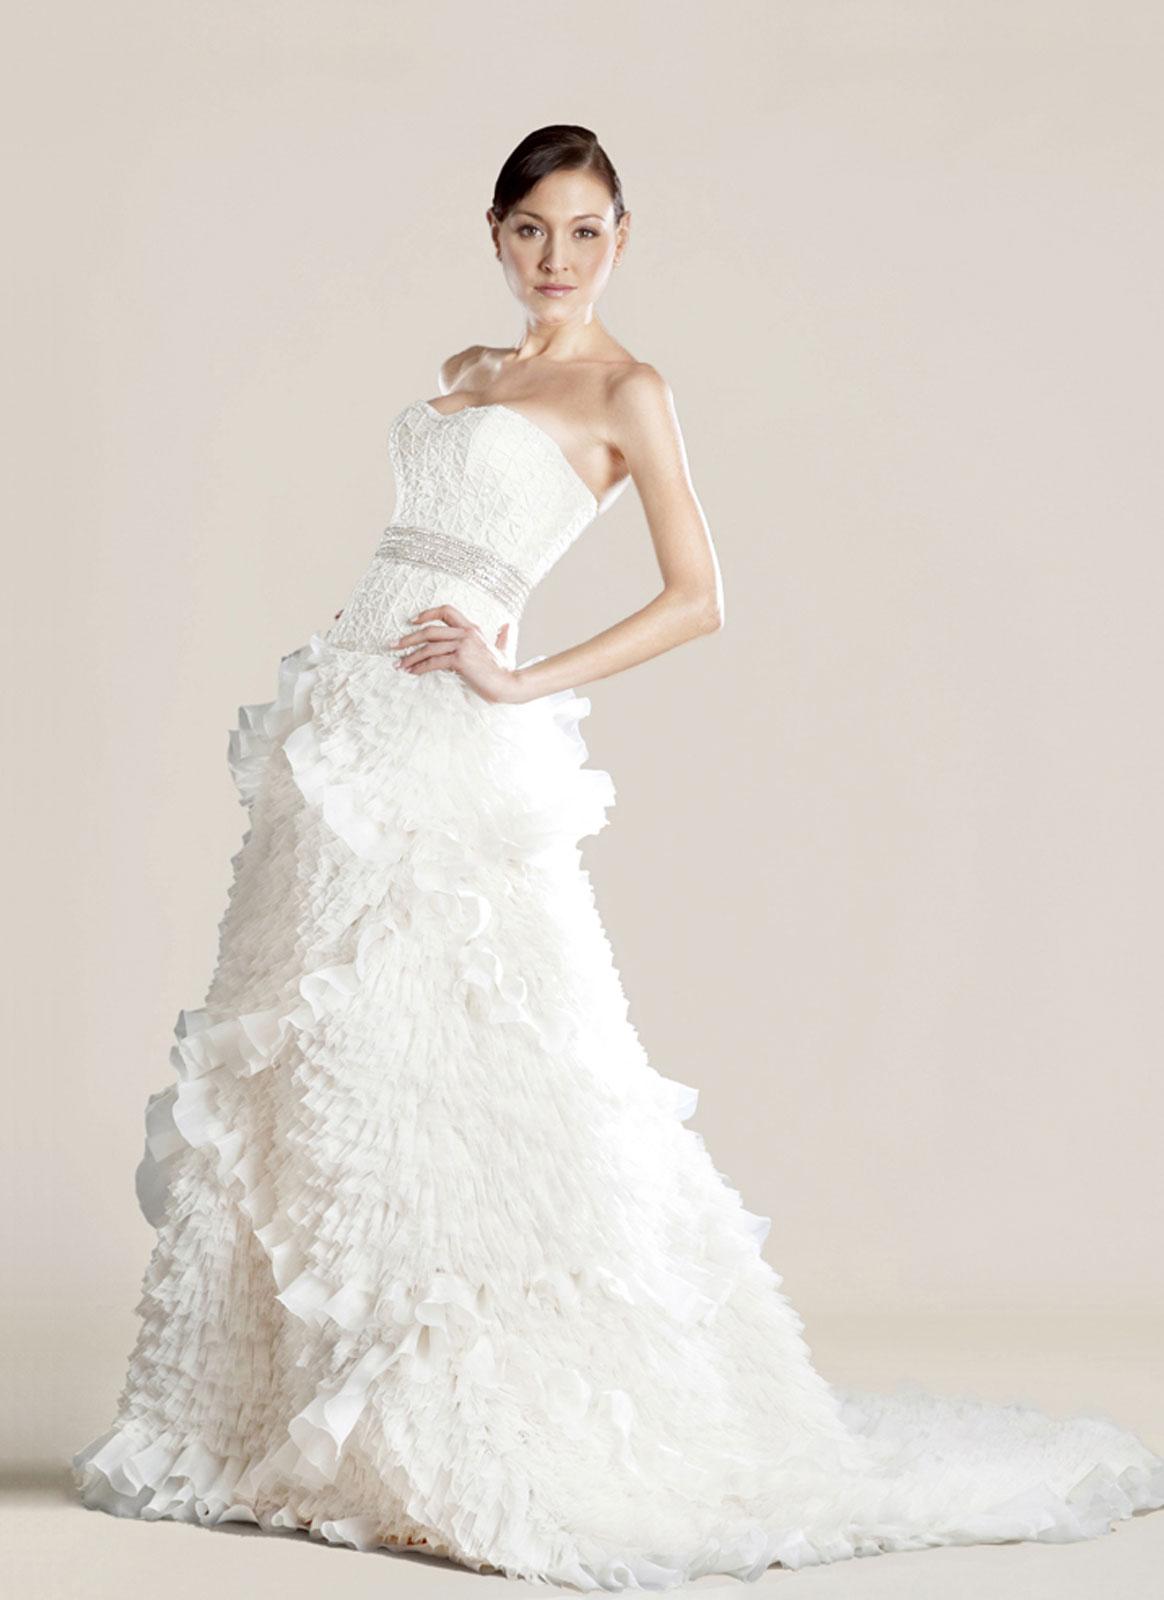 jun escario bridal gowns